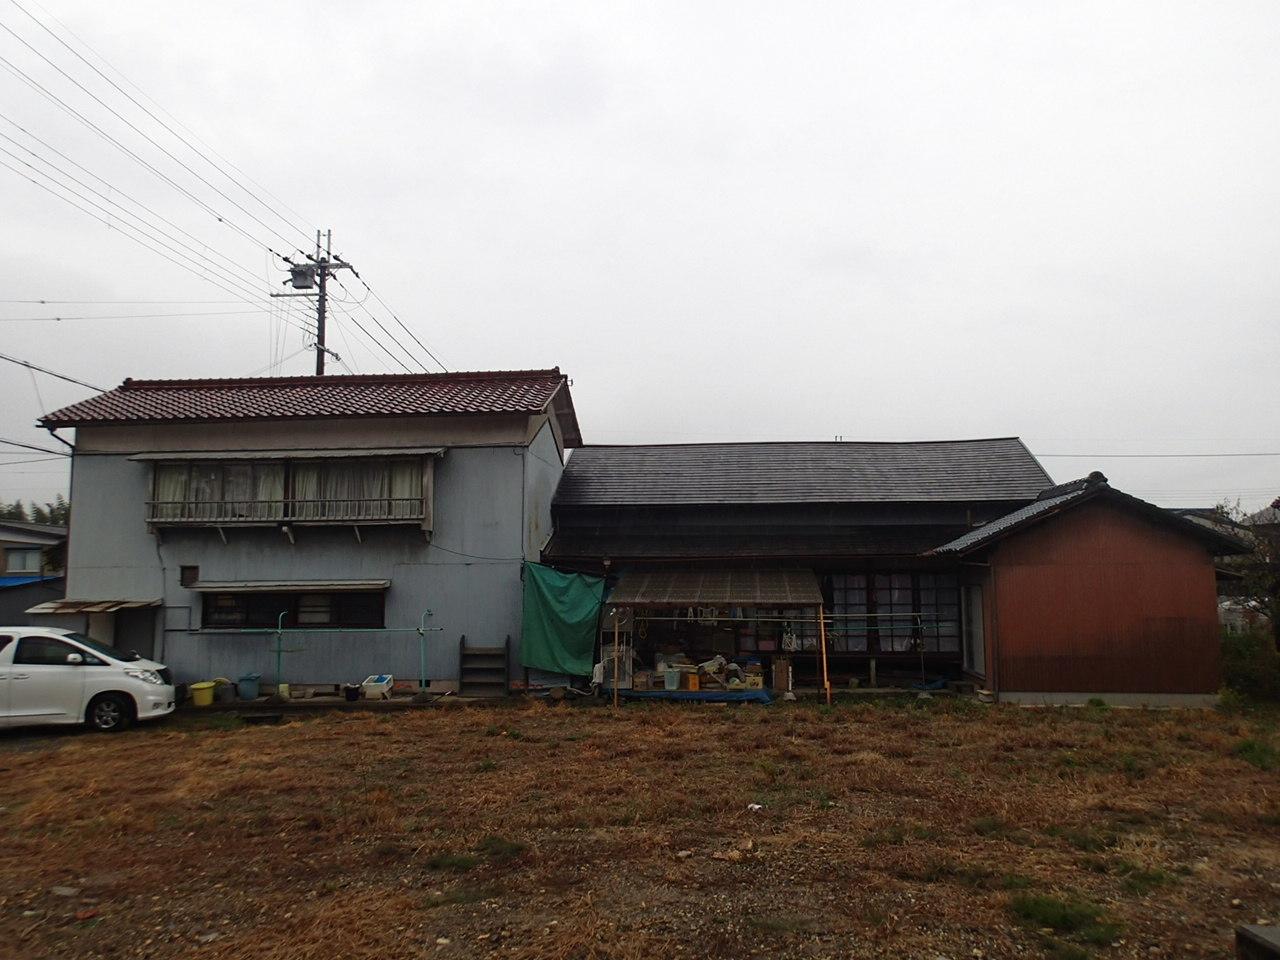 加東市某所 K氏邸解体工事